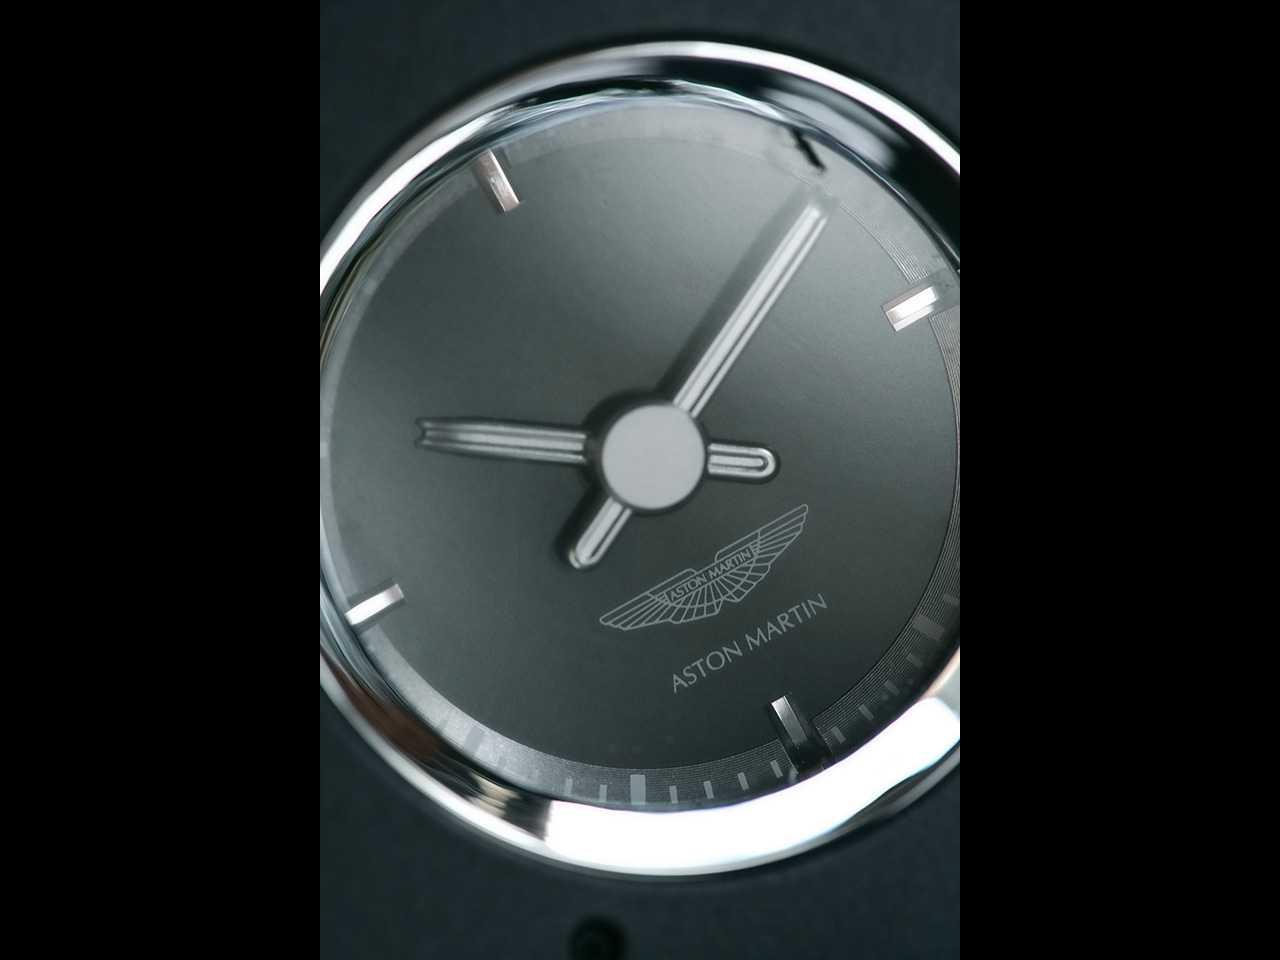 2007-Aston-Martin-V8-Vantage-Clock